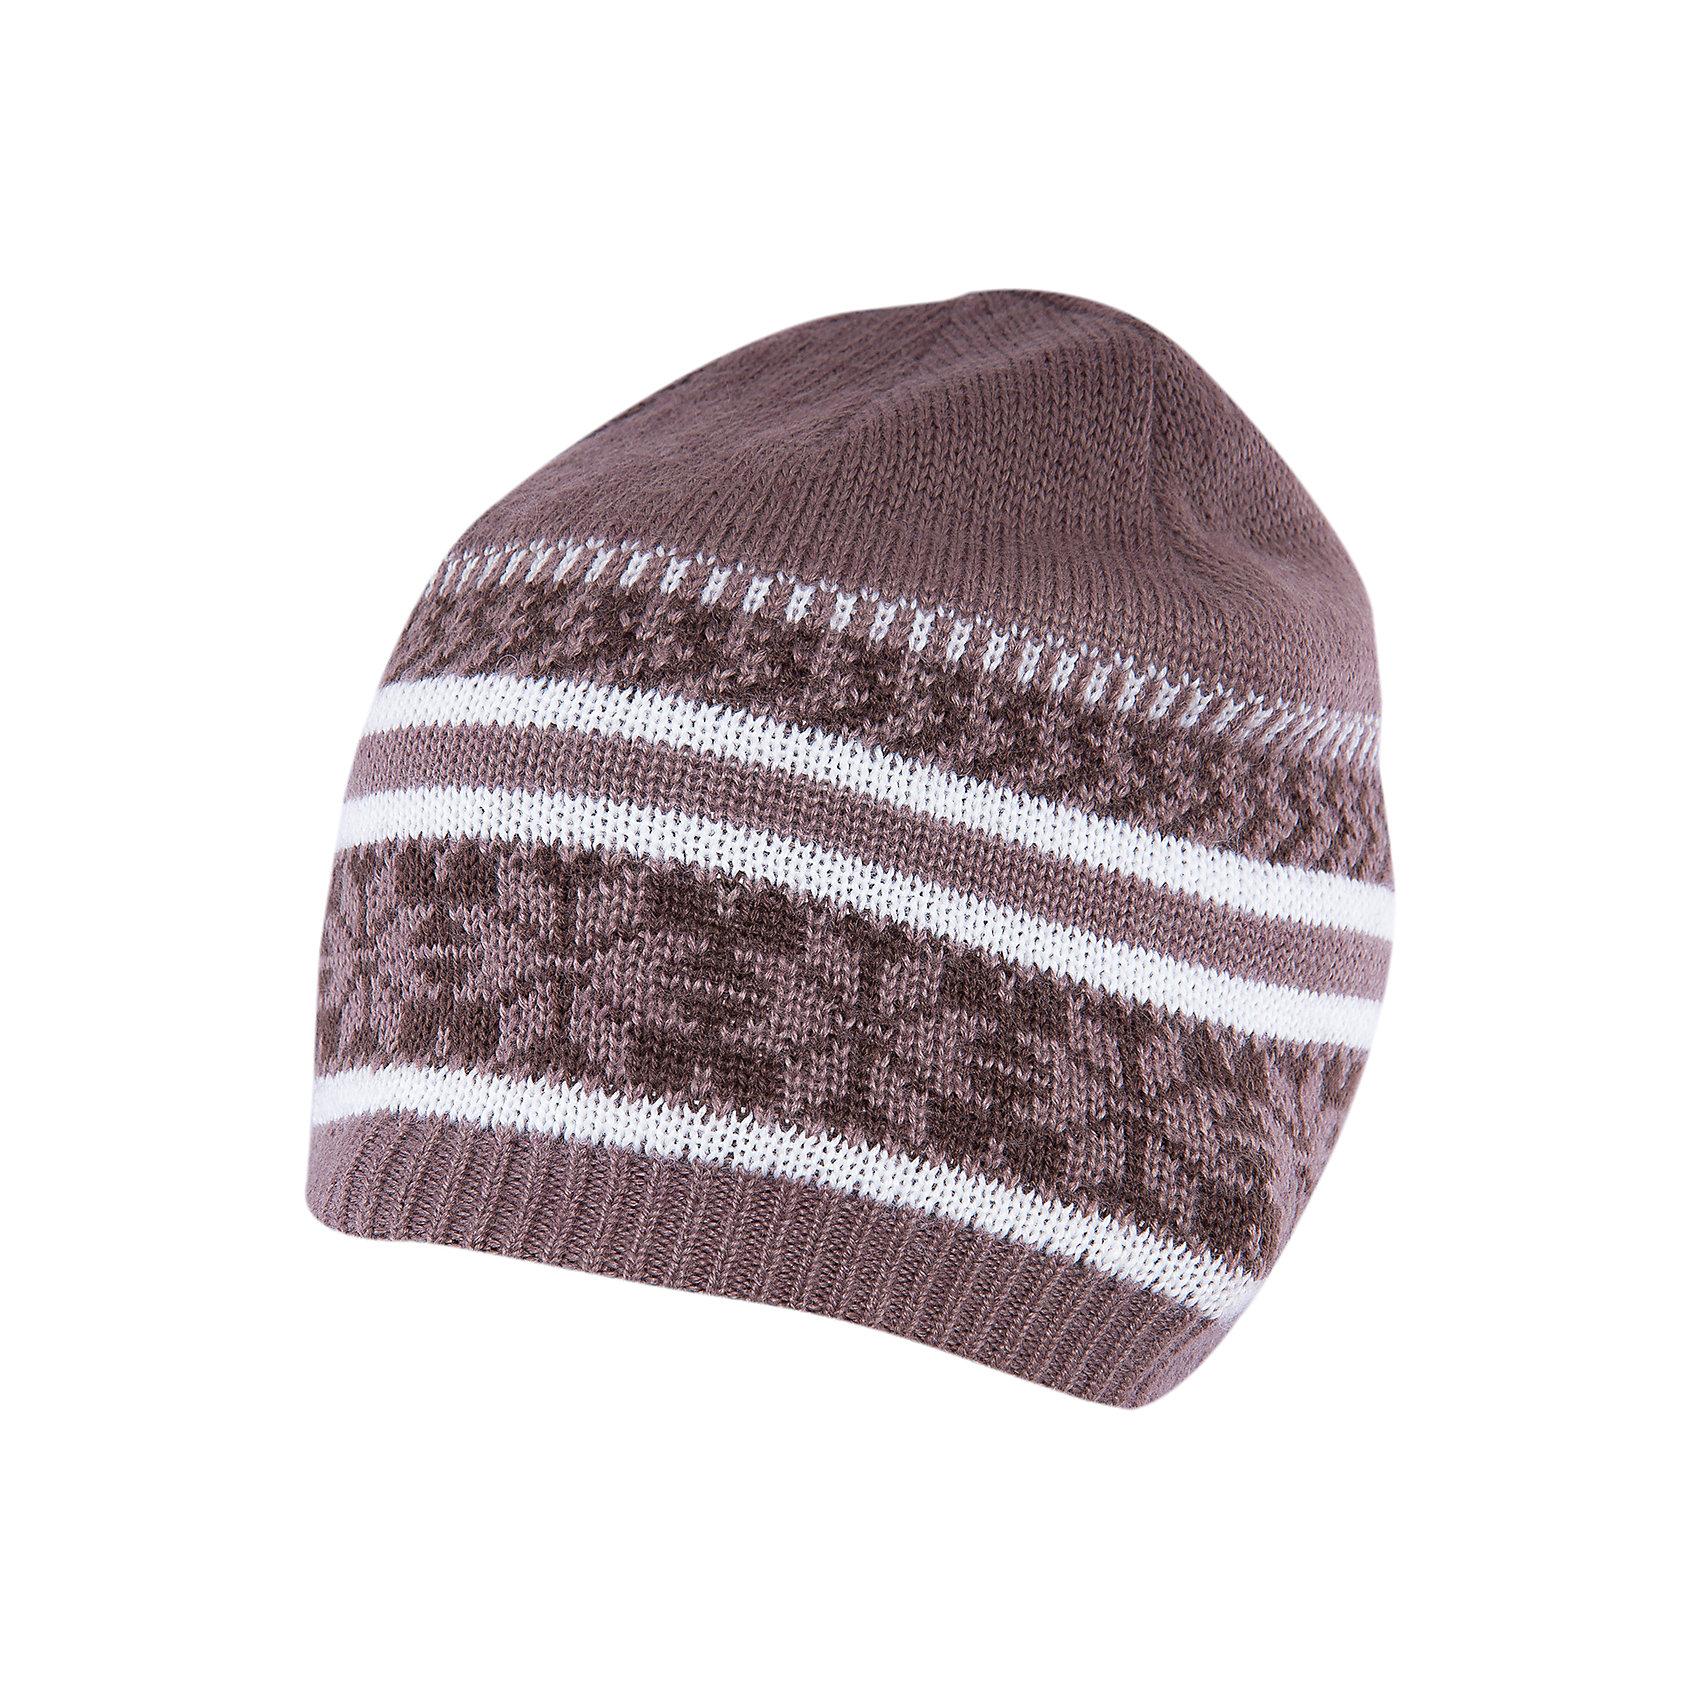 Шапка для мальчика SELAСимпатичная удобная шапка - незаменимая вещь в прохладное время года. Эта модель отлично сидит на ребенке, она сделана из плотного материала, позволяет гулять с комфортом на свежем воздухе зимой. Качественная пряжа не вызывает аллергии и обеспечивает ребенку комфорт. Модель будет уместна в различных сочетаниях.<br>Одежда от бренда Sela (Села) - это качество по приемлемым ценам. Многие российские родители уже оценили преимущества продукции этой компании и всё чаще приобретают одежду и аксессуары Sela.<br><br>Дополнительная информация:<br><br>цвет: разноцветный;<br>материал: верх - 70% акрил, 30% шерсть; подкладка - 100% полиэстер;<br>вязаный узор.<br><br>Шапку для мальчика от бренда Sela можно купить в нашем интернет-магазине.<br><br>Ширина мм: 89<br>Глубина мм: 117<br>Высота мм: 44<br>Вес г: 155<br>Цвет: серый<br>Возраст от месяцев: 84<br>Возраст до месяцев: 120<br>Пол: Мужской<br>Возраст: Детский<br>Размер: 54-56<br>SKU: 5020161